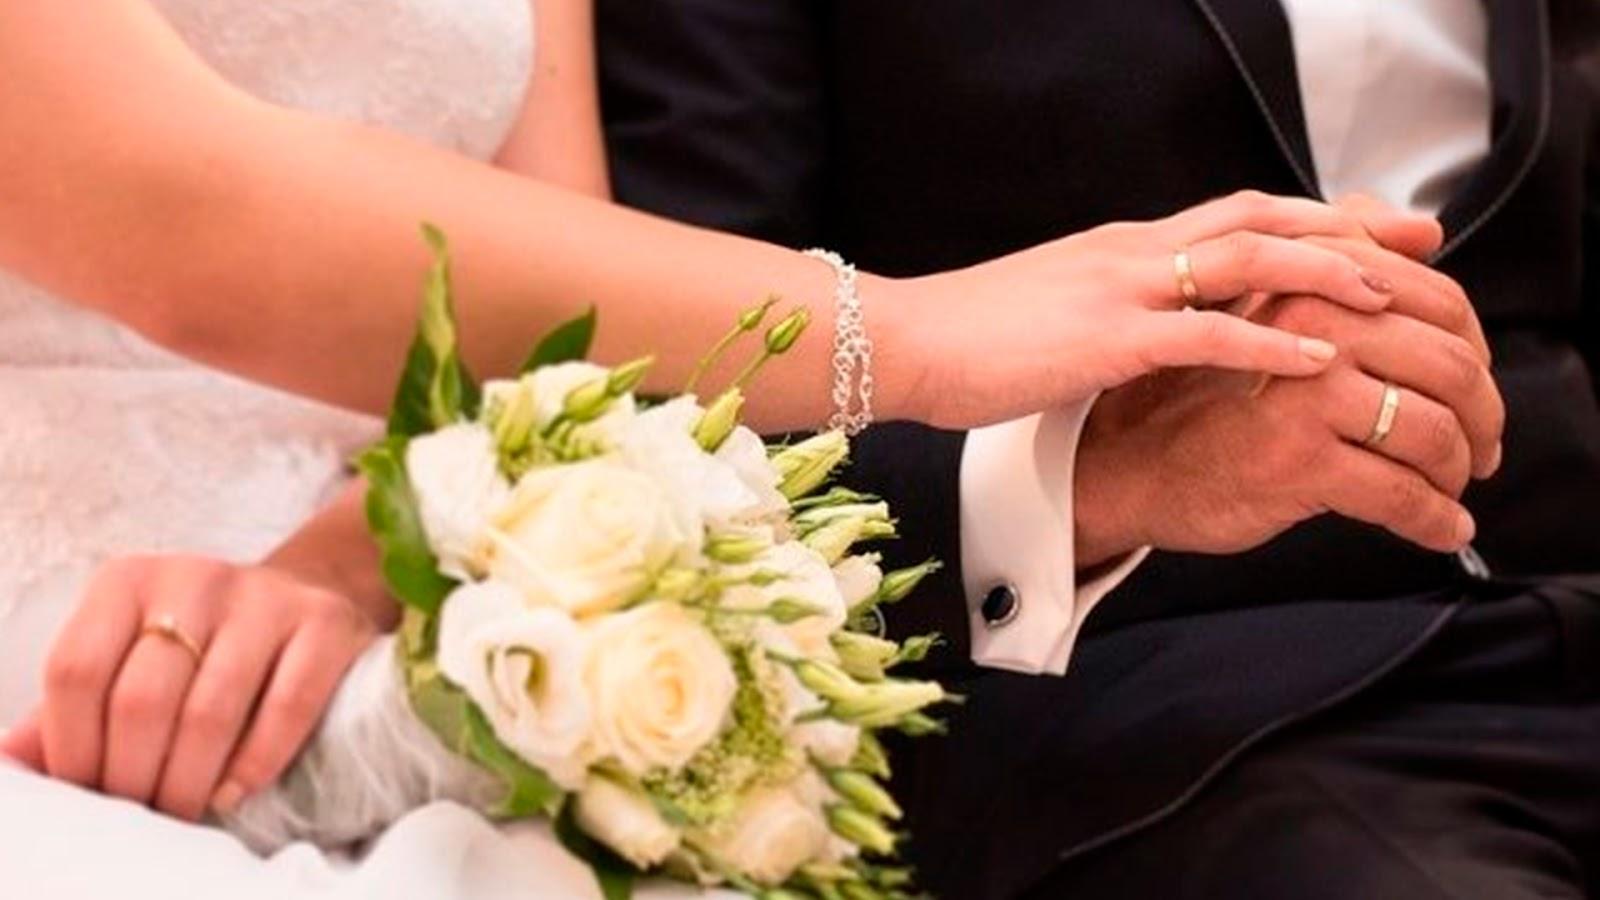 Mató a esposo para casarse con amigo de él; se separaron y la delató